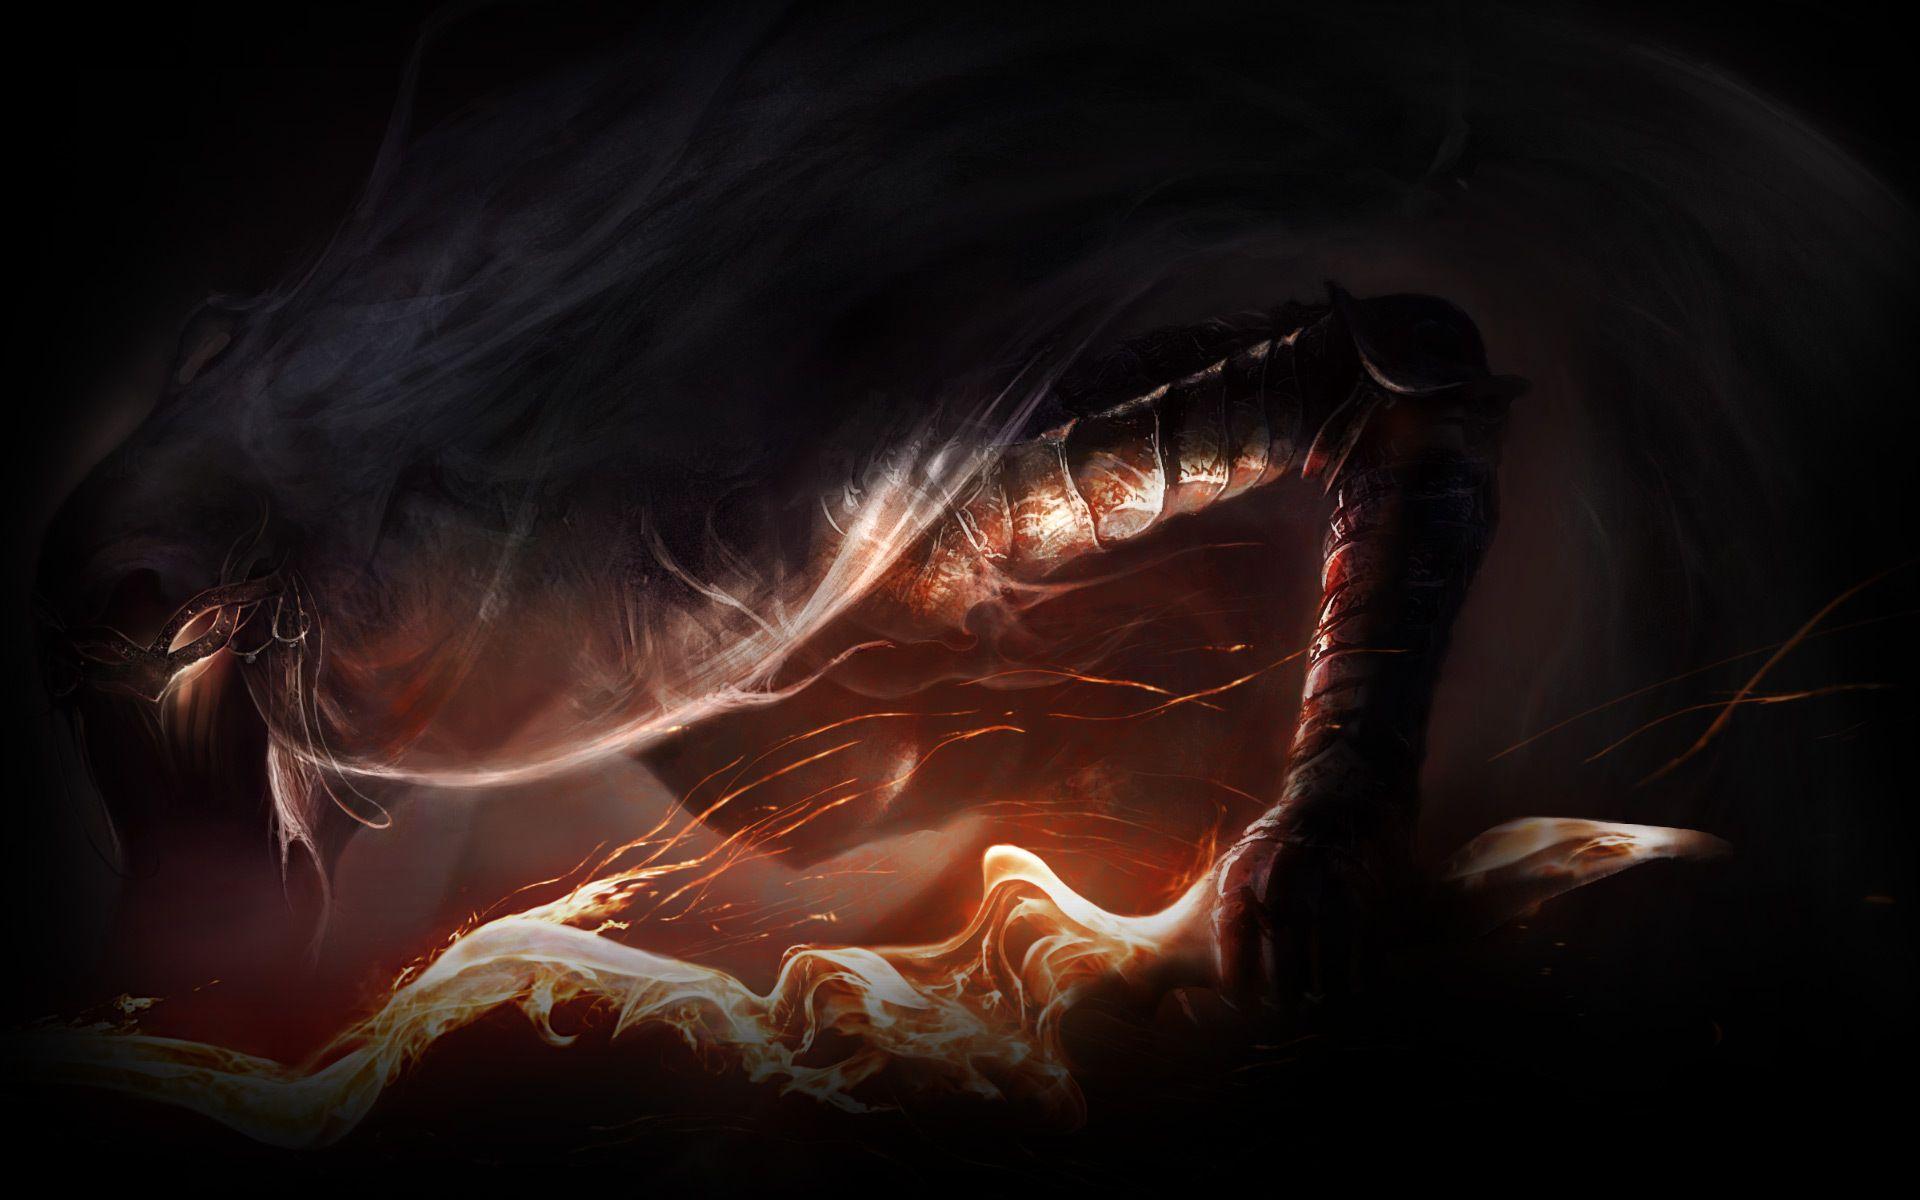 Dark Souls Iii Dancer Of The Boreal Valley Dark Souls Wallpapers Dark Souls Wallpaper Dark Souls 3840x2160 Wallpaper